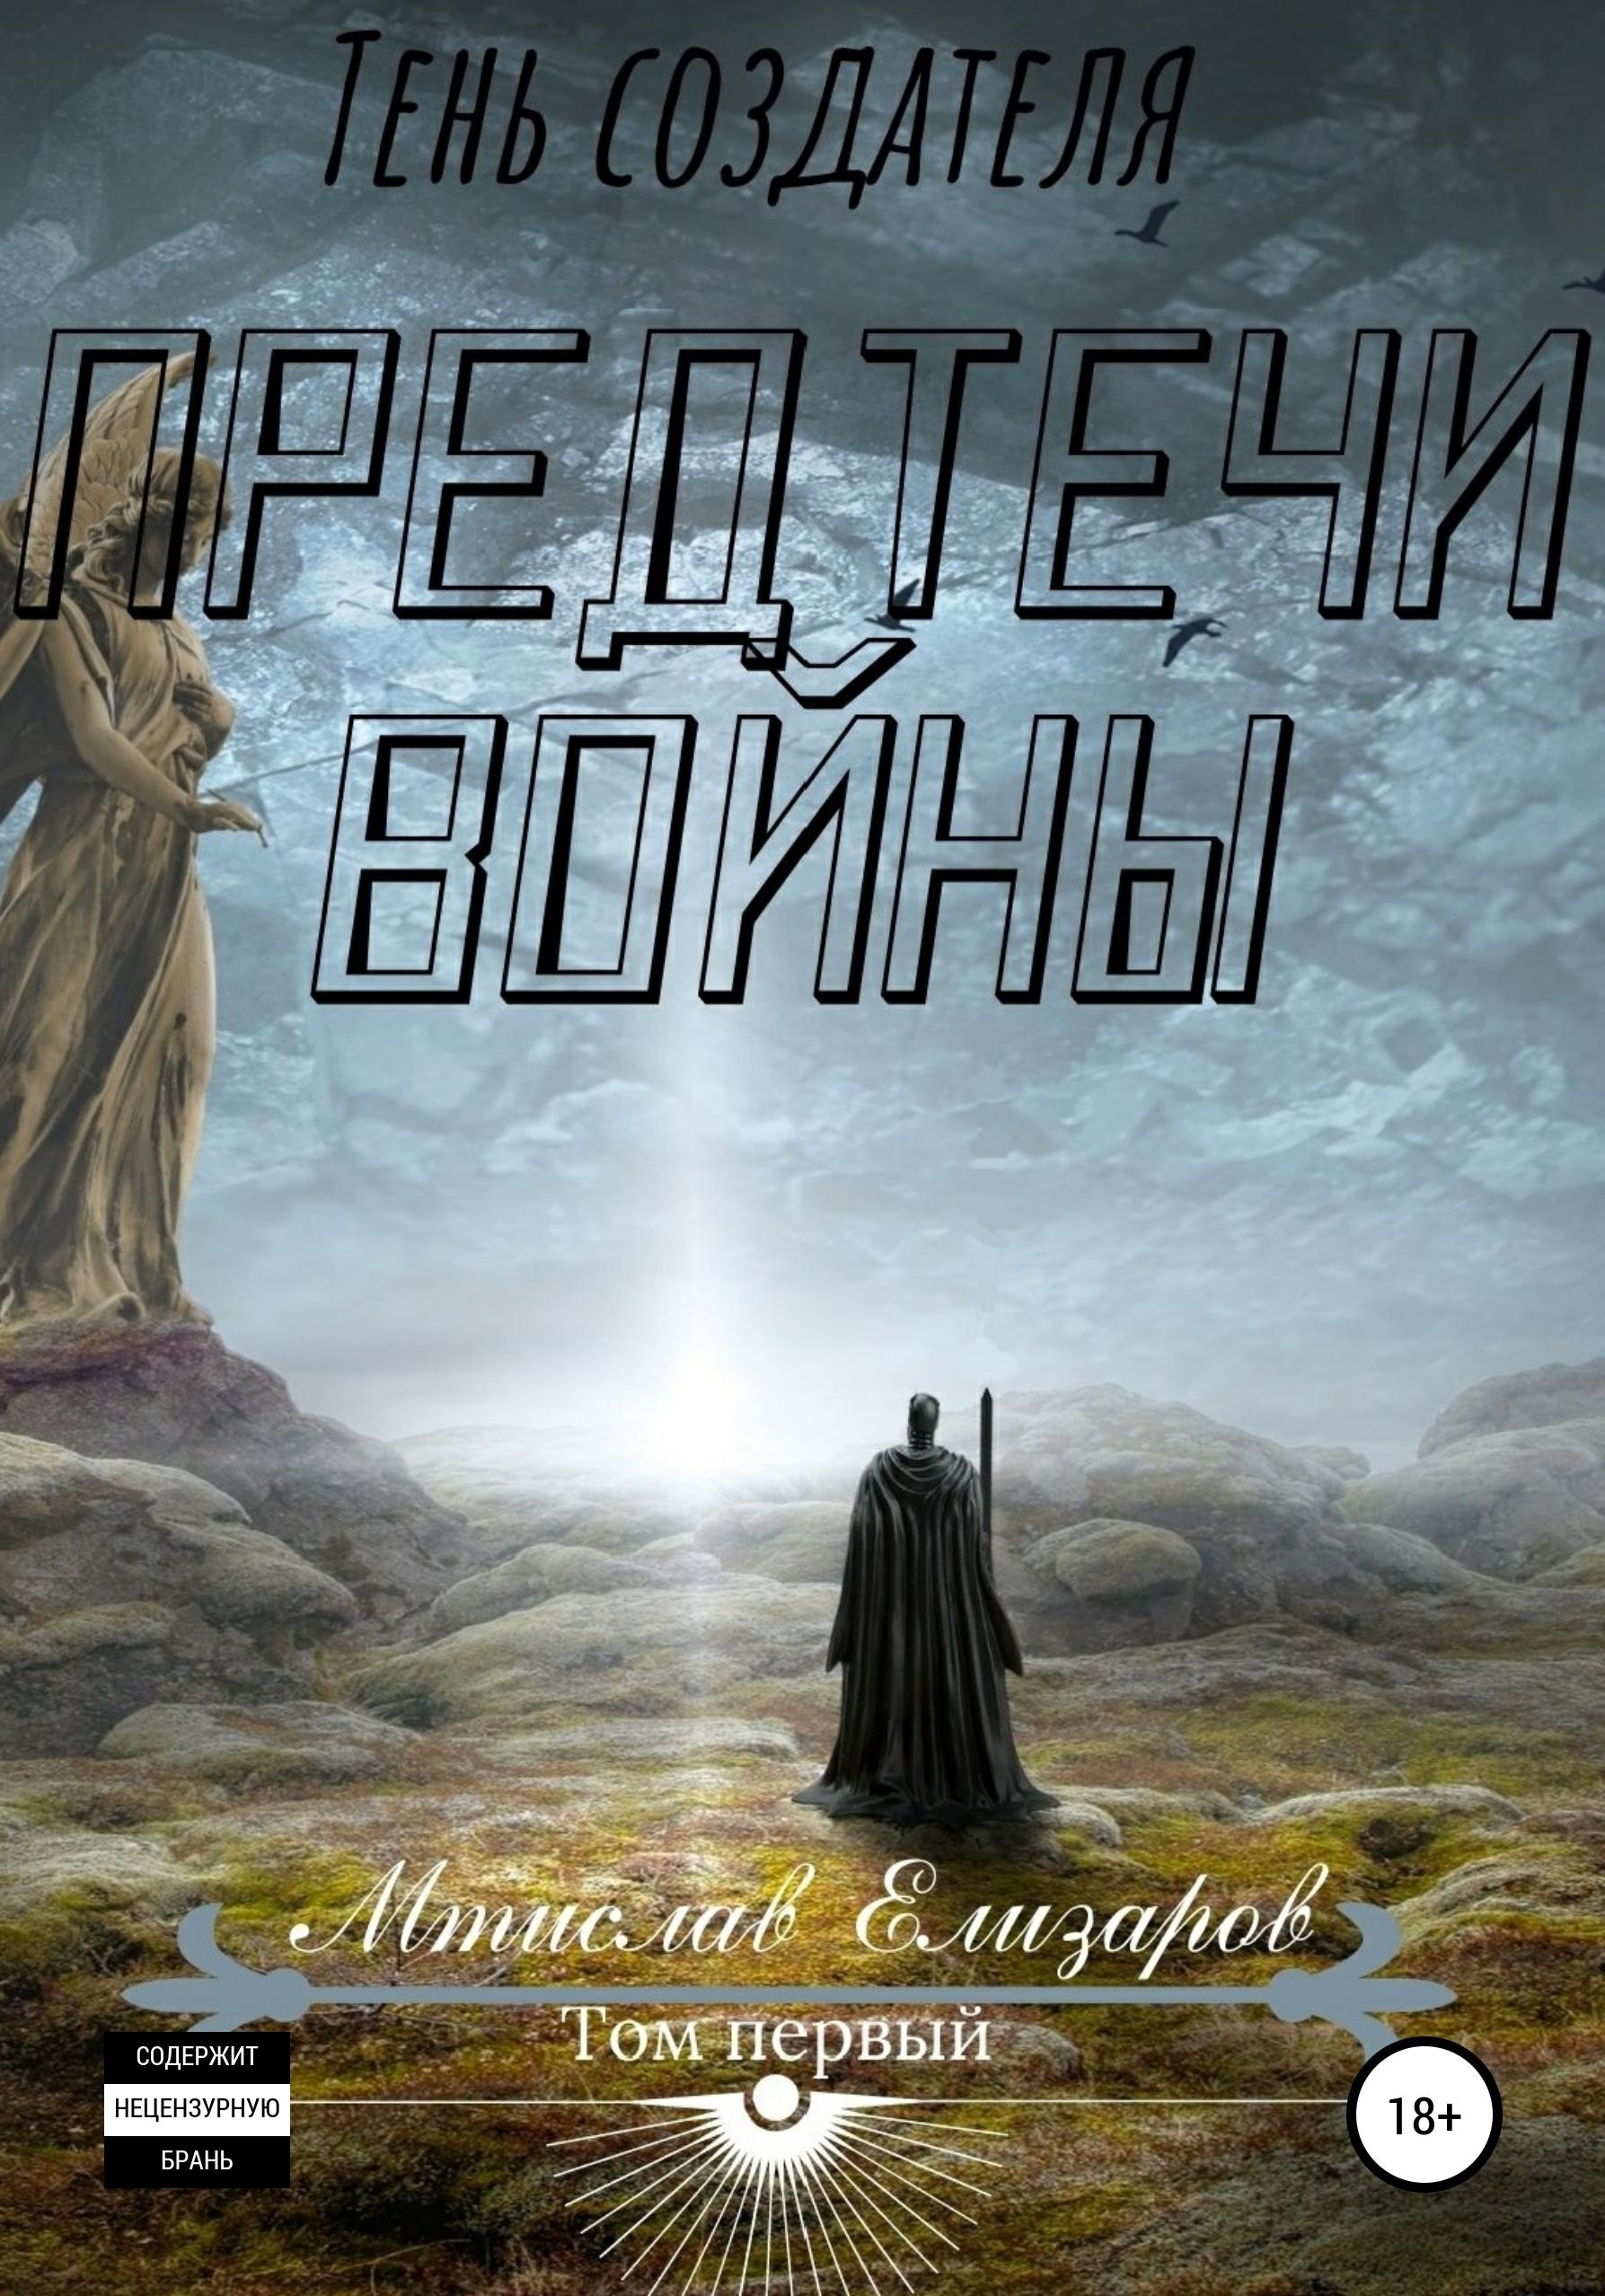 Мтислав Елизаров - Предтечи войны